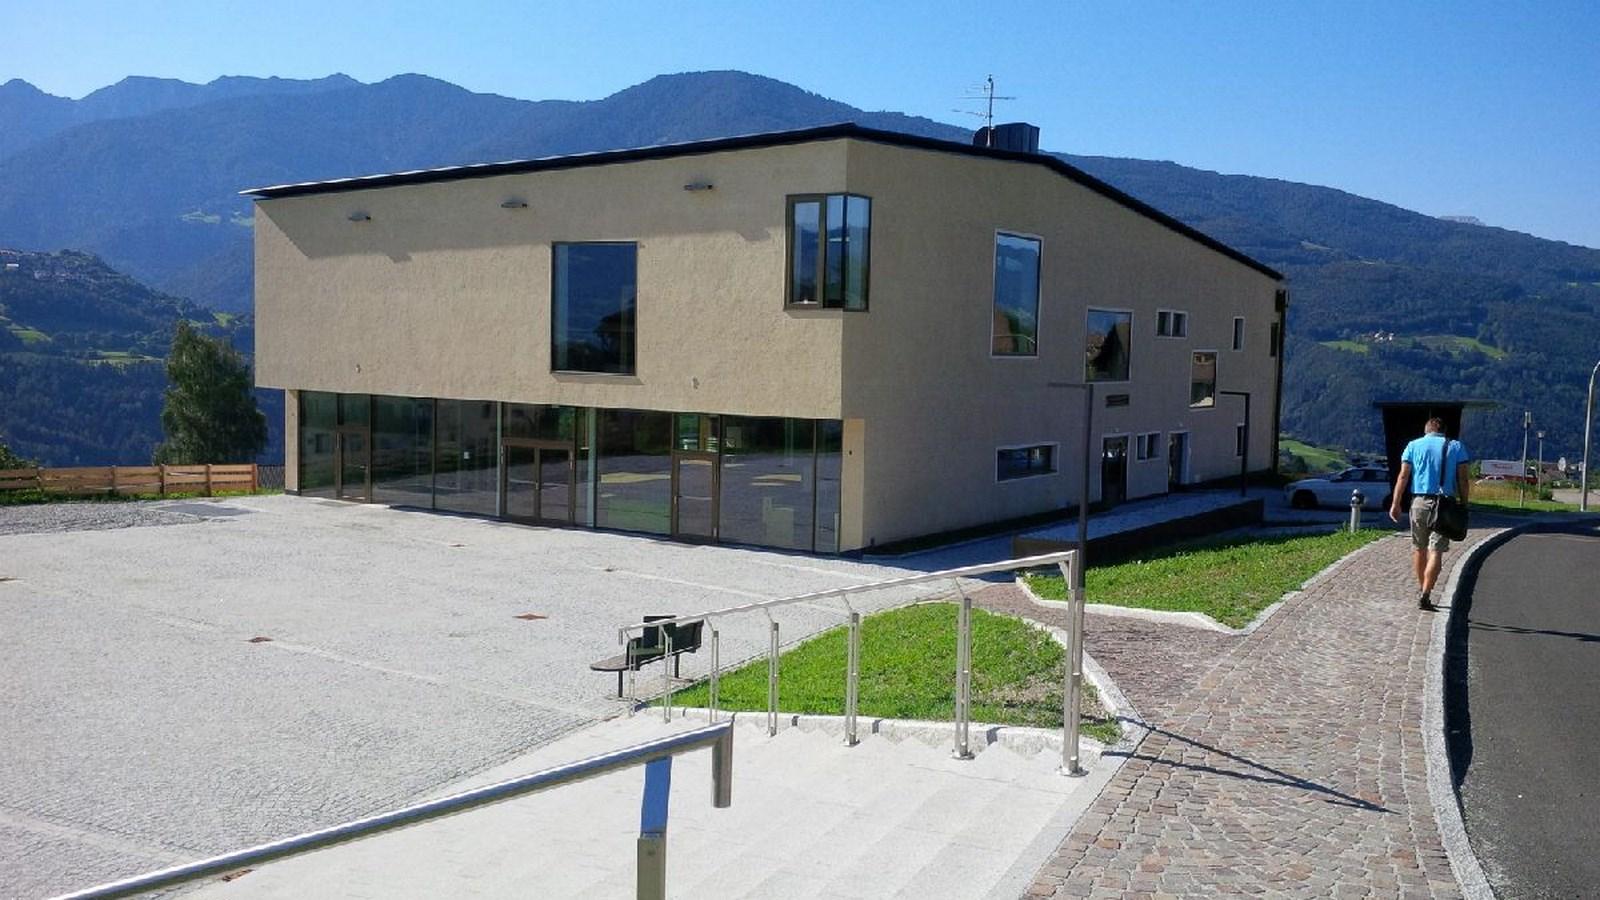 Gemeindezentrum_Feldthurns_11